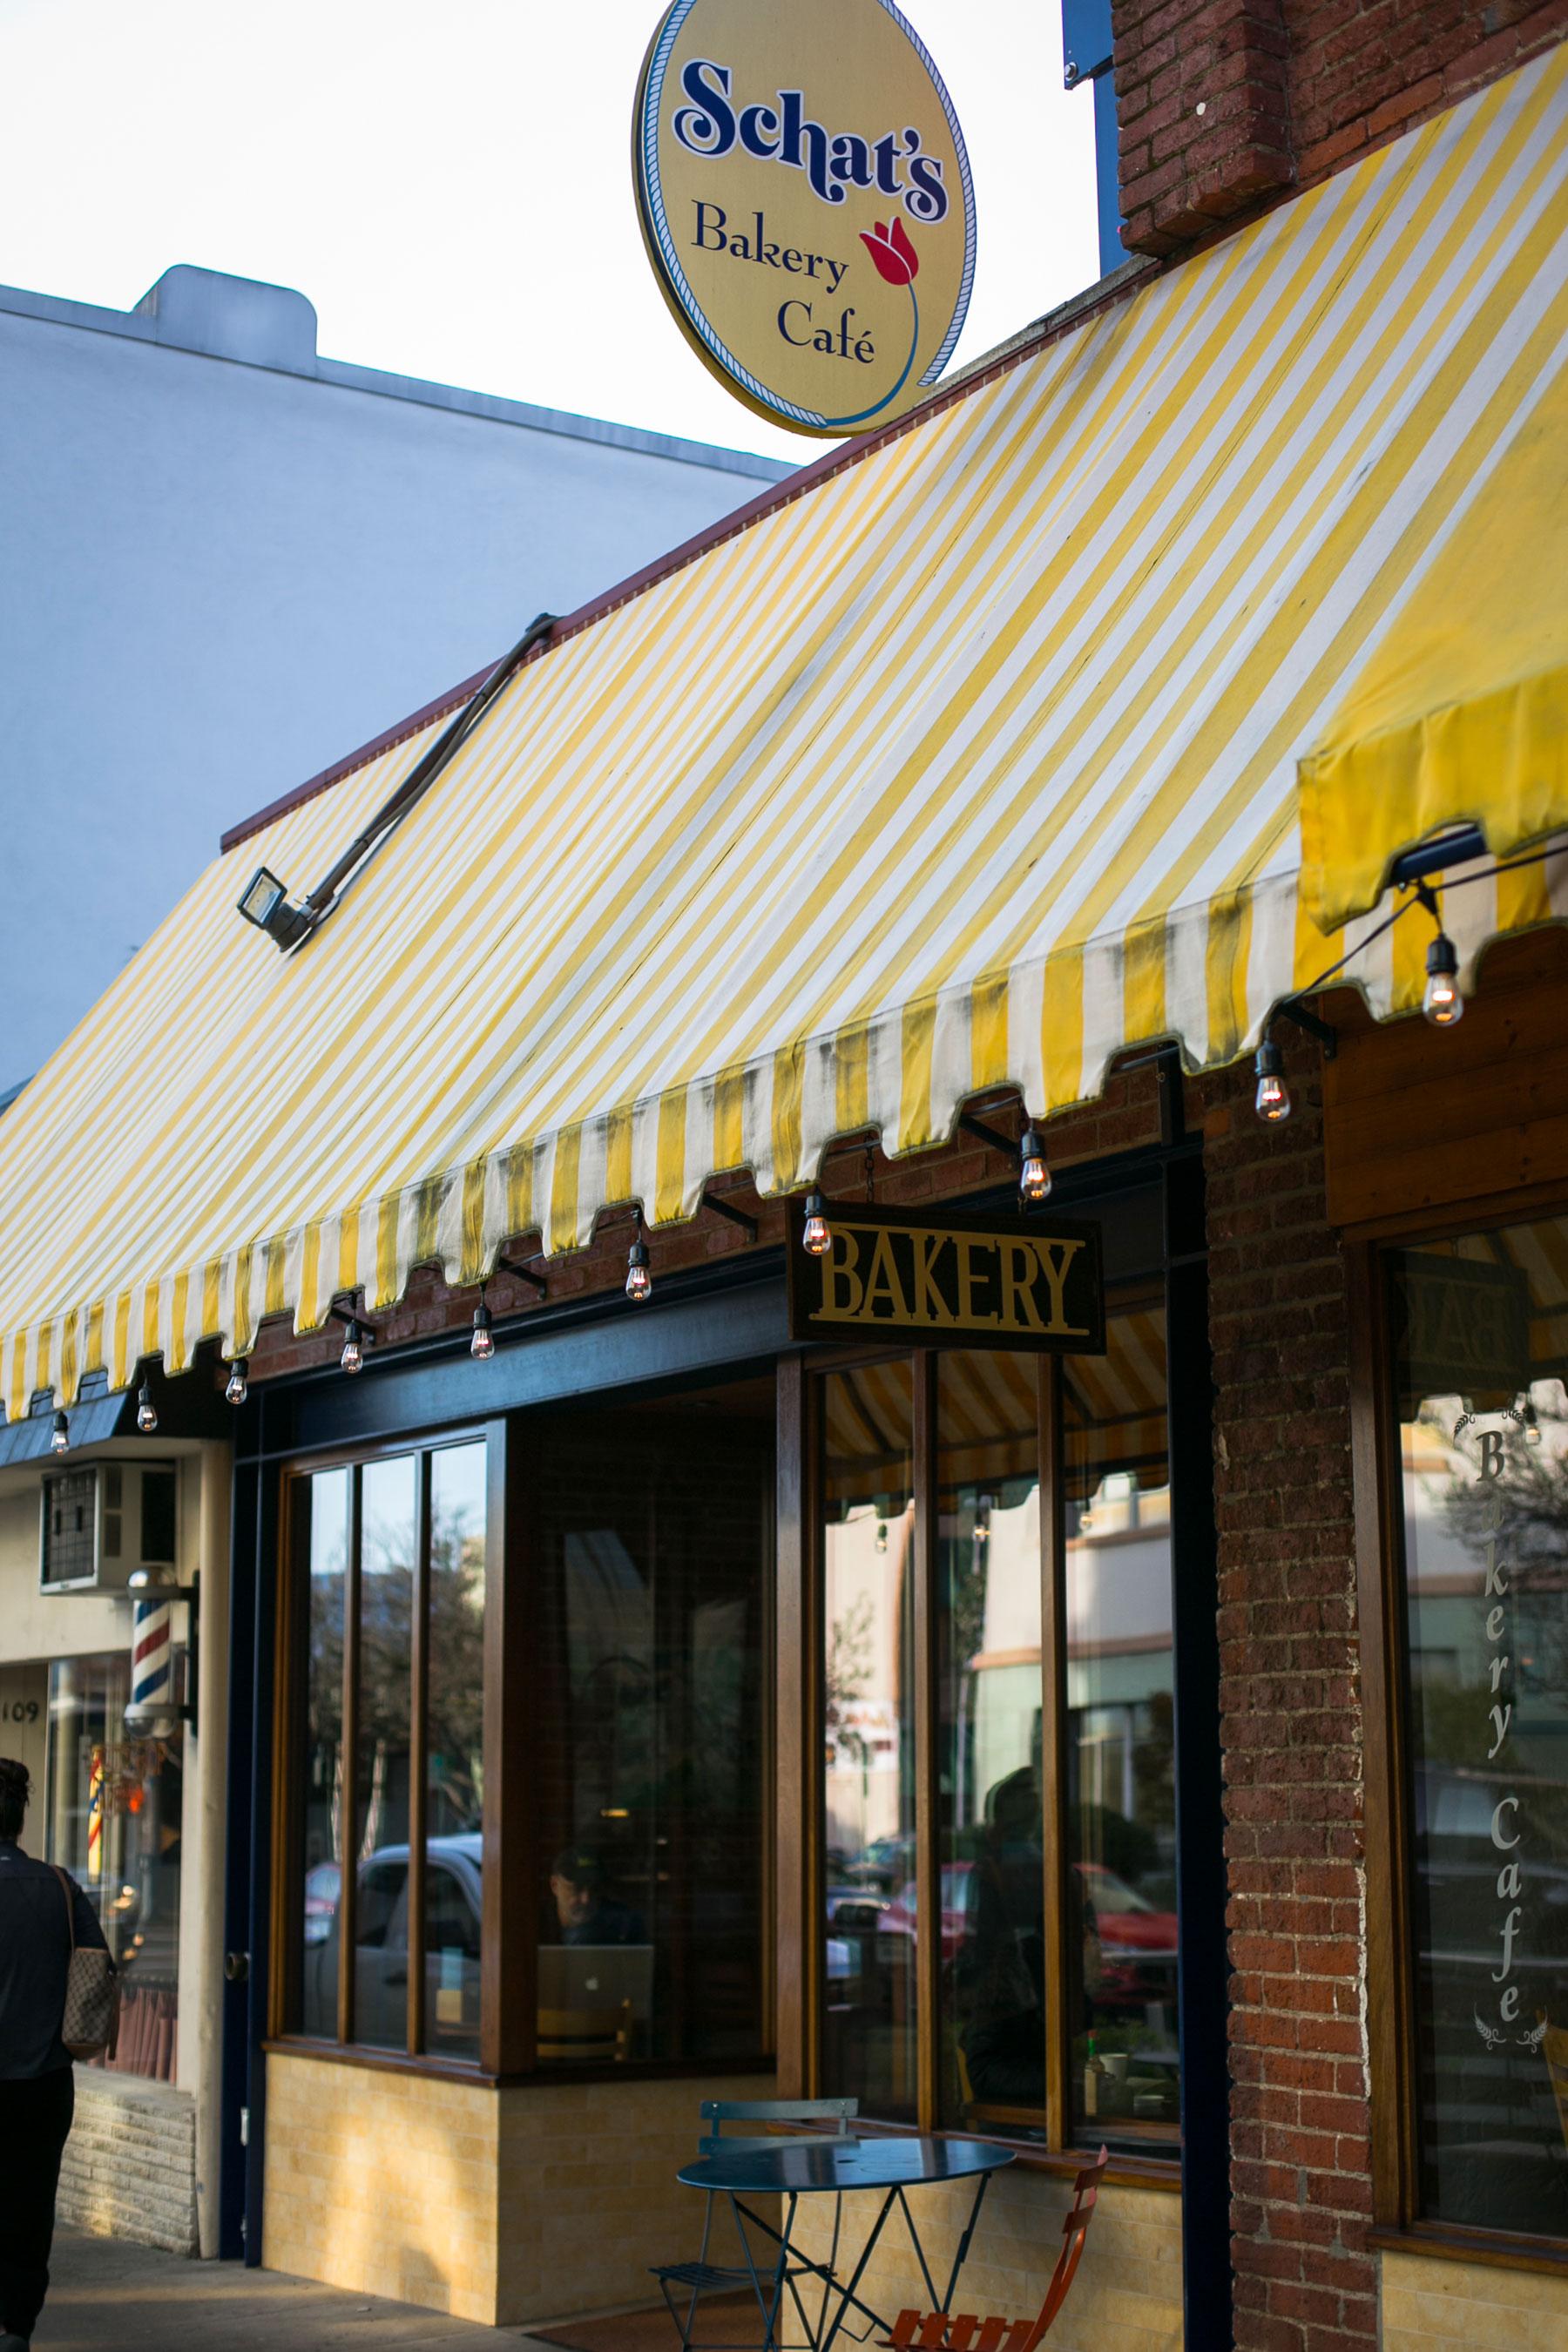 Schat's in Ukiah on Perkins